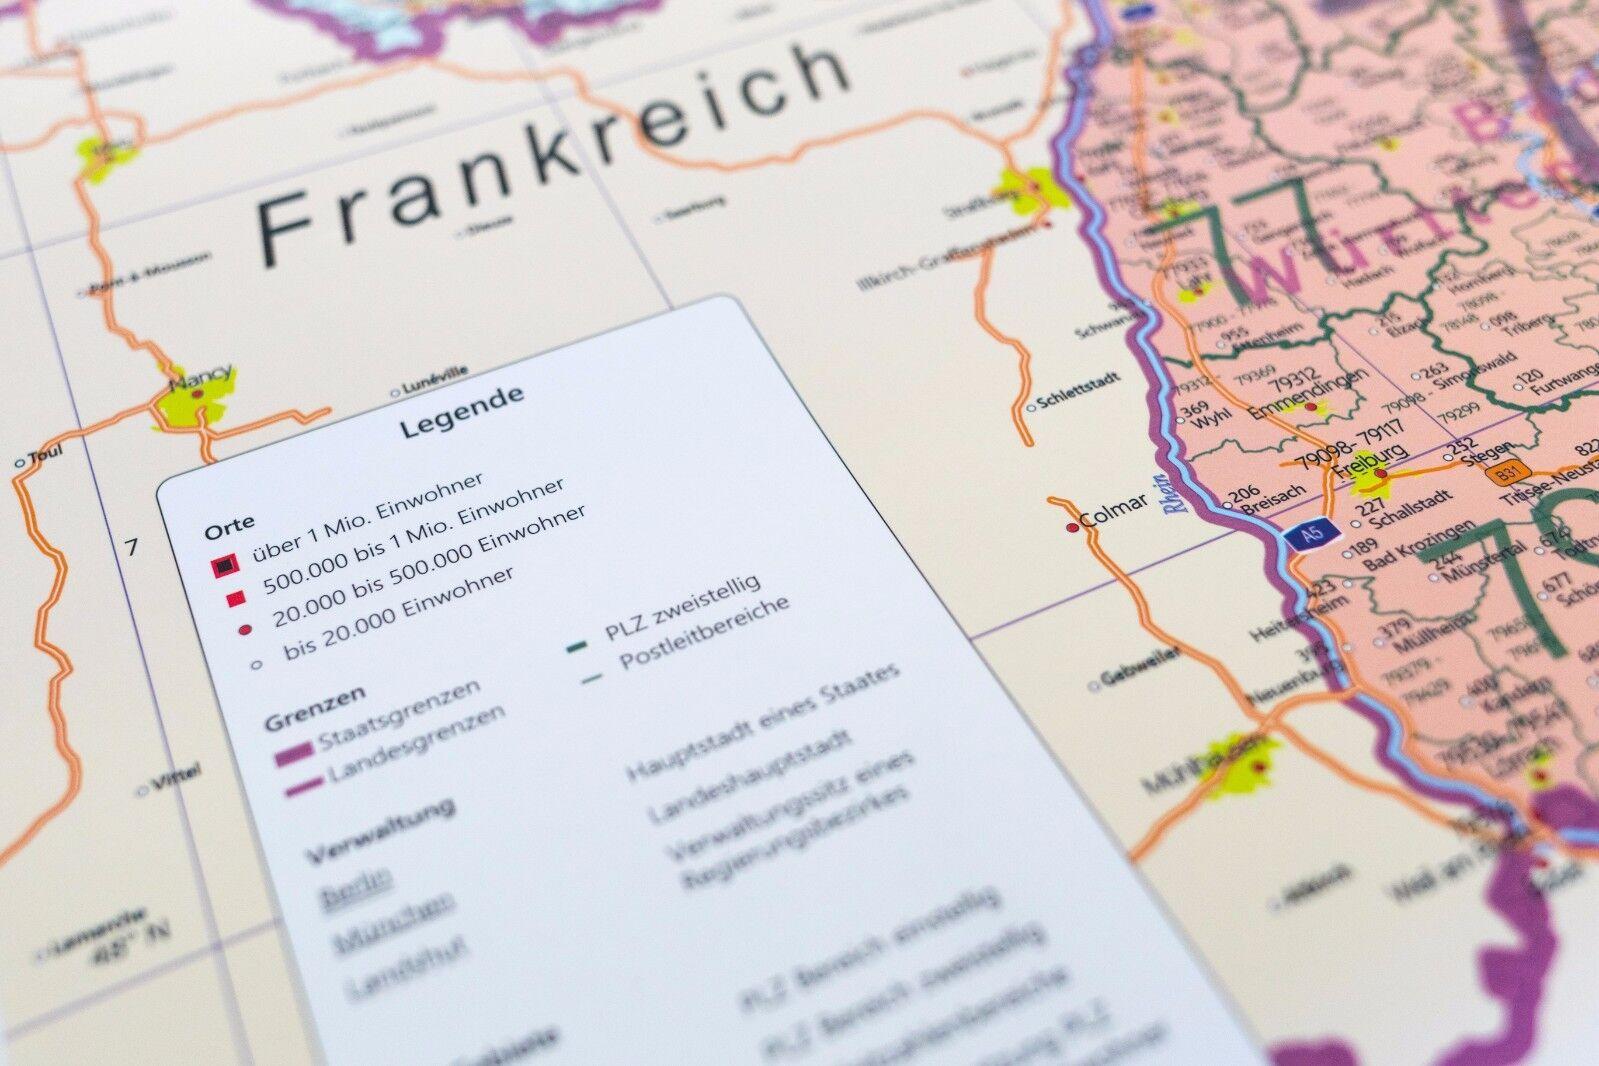 Bundesländer Karte Mit Plz.Details Zu Postleitzahlen Karte Poster Plz Deutschland Mit Bundesländern Laminiert A0 2018